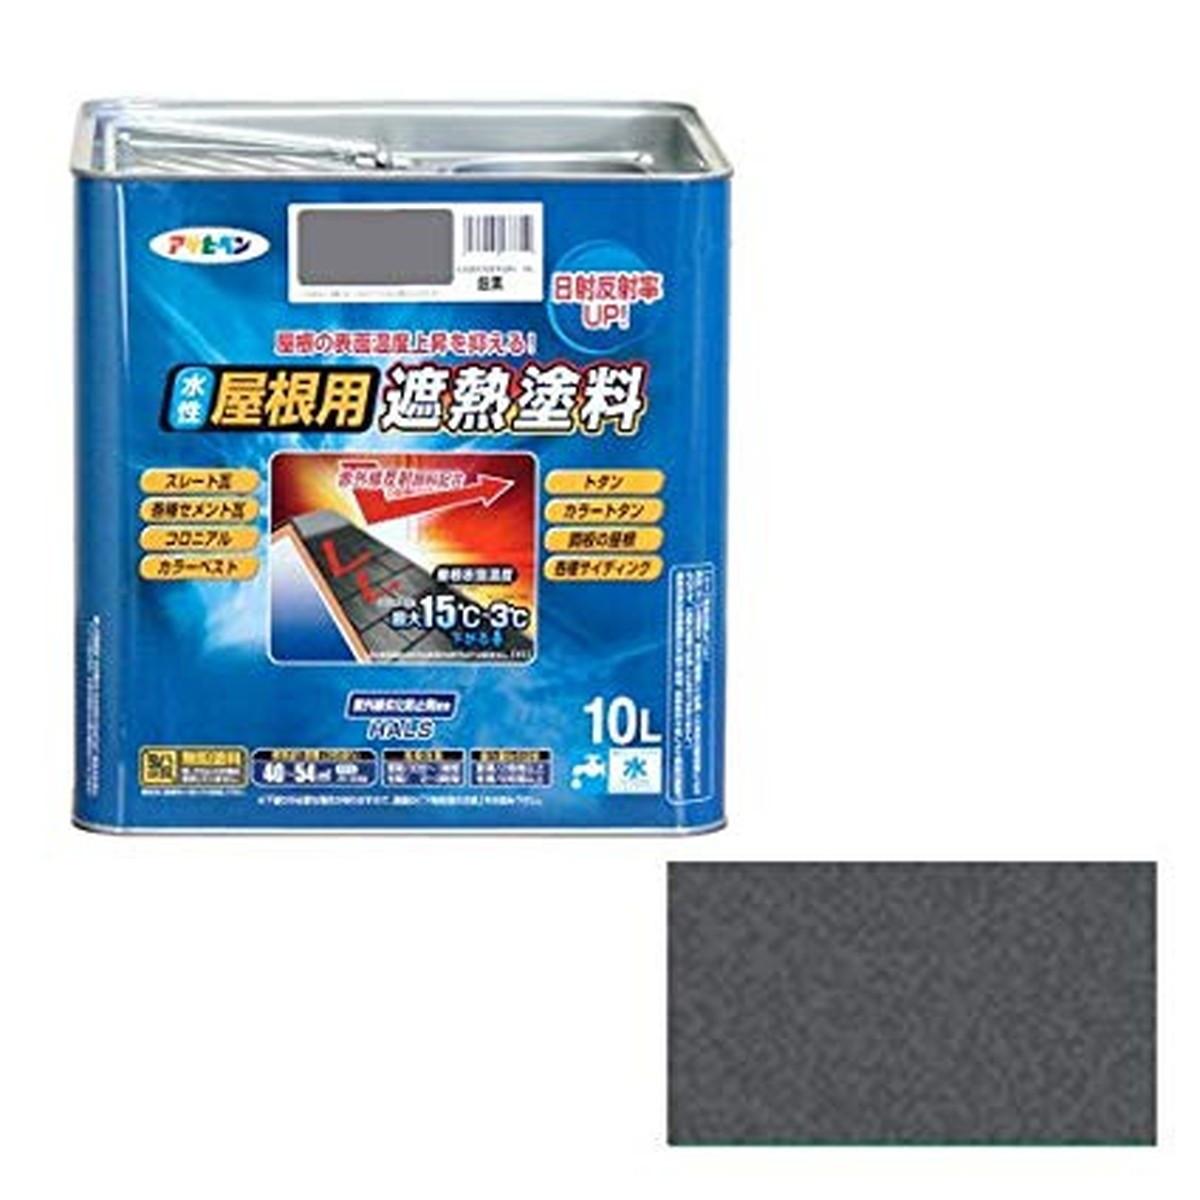 アサヒペン ペンキ 水性屋根用遮熱塗料 銀黒 10L【クーポン配布中】